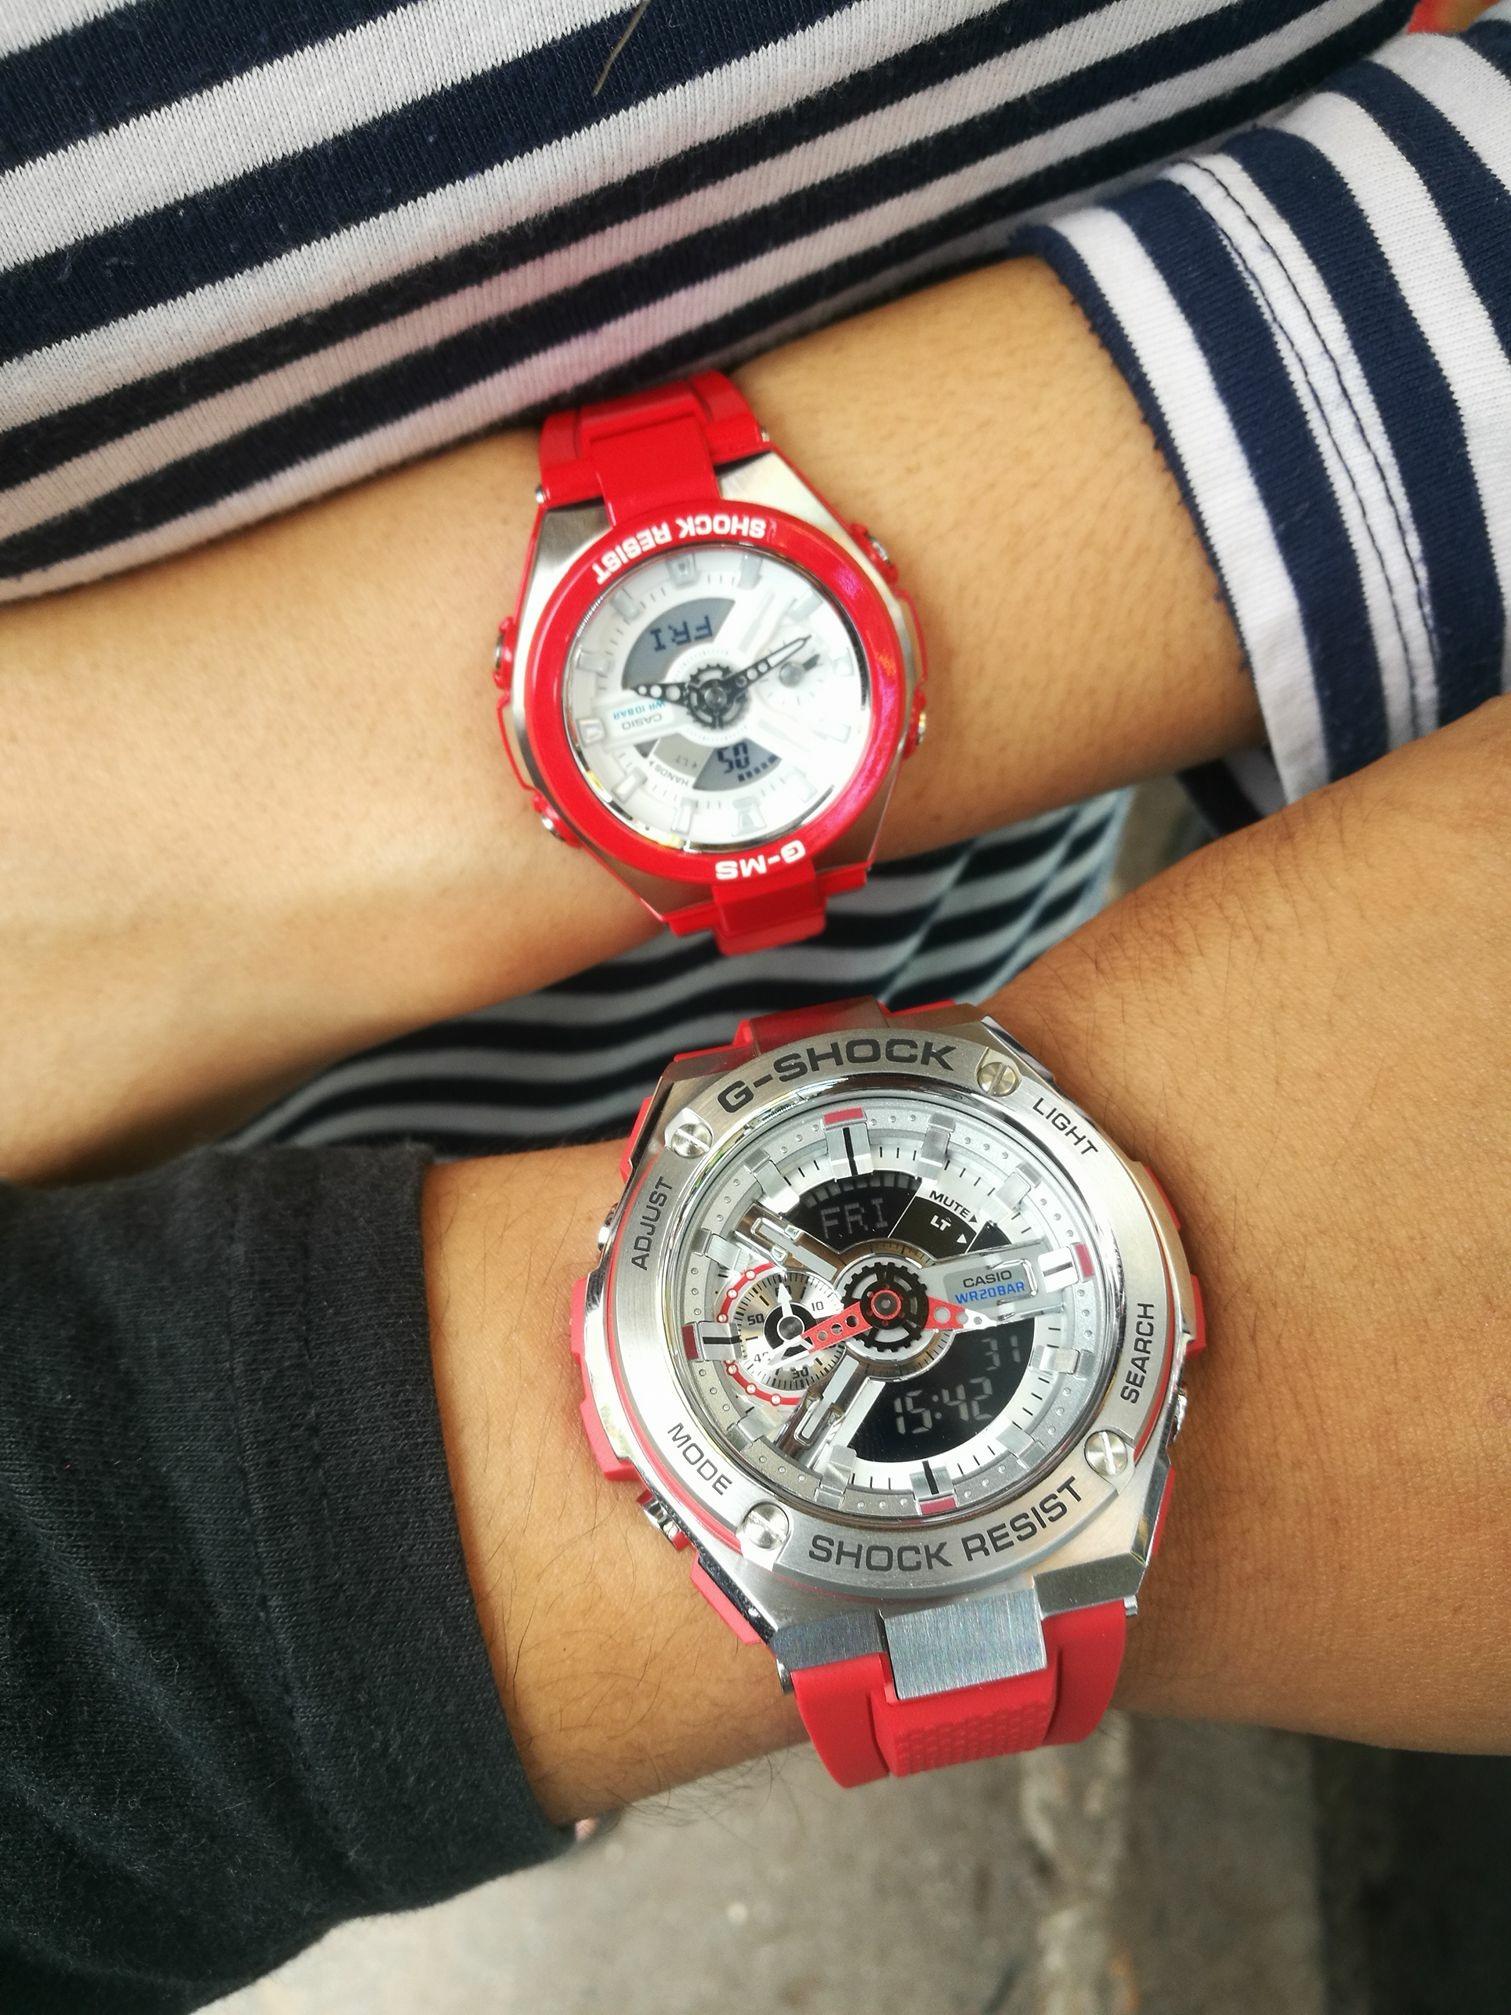 นาฬิกา Casio G-SHOCK x BABY-G คู่เหล็กSteel เซ็ตคู่รัก G-STEEL x G-MS series รุ่น GST-410-4A x MSG-400-4A Pair set ของแท้ รับประกันศูนย์ 1 ปี